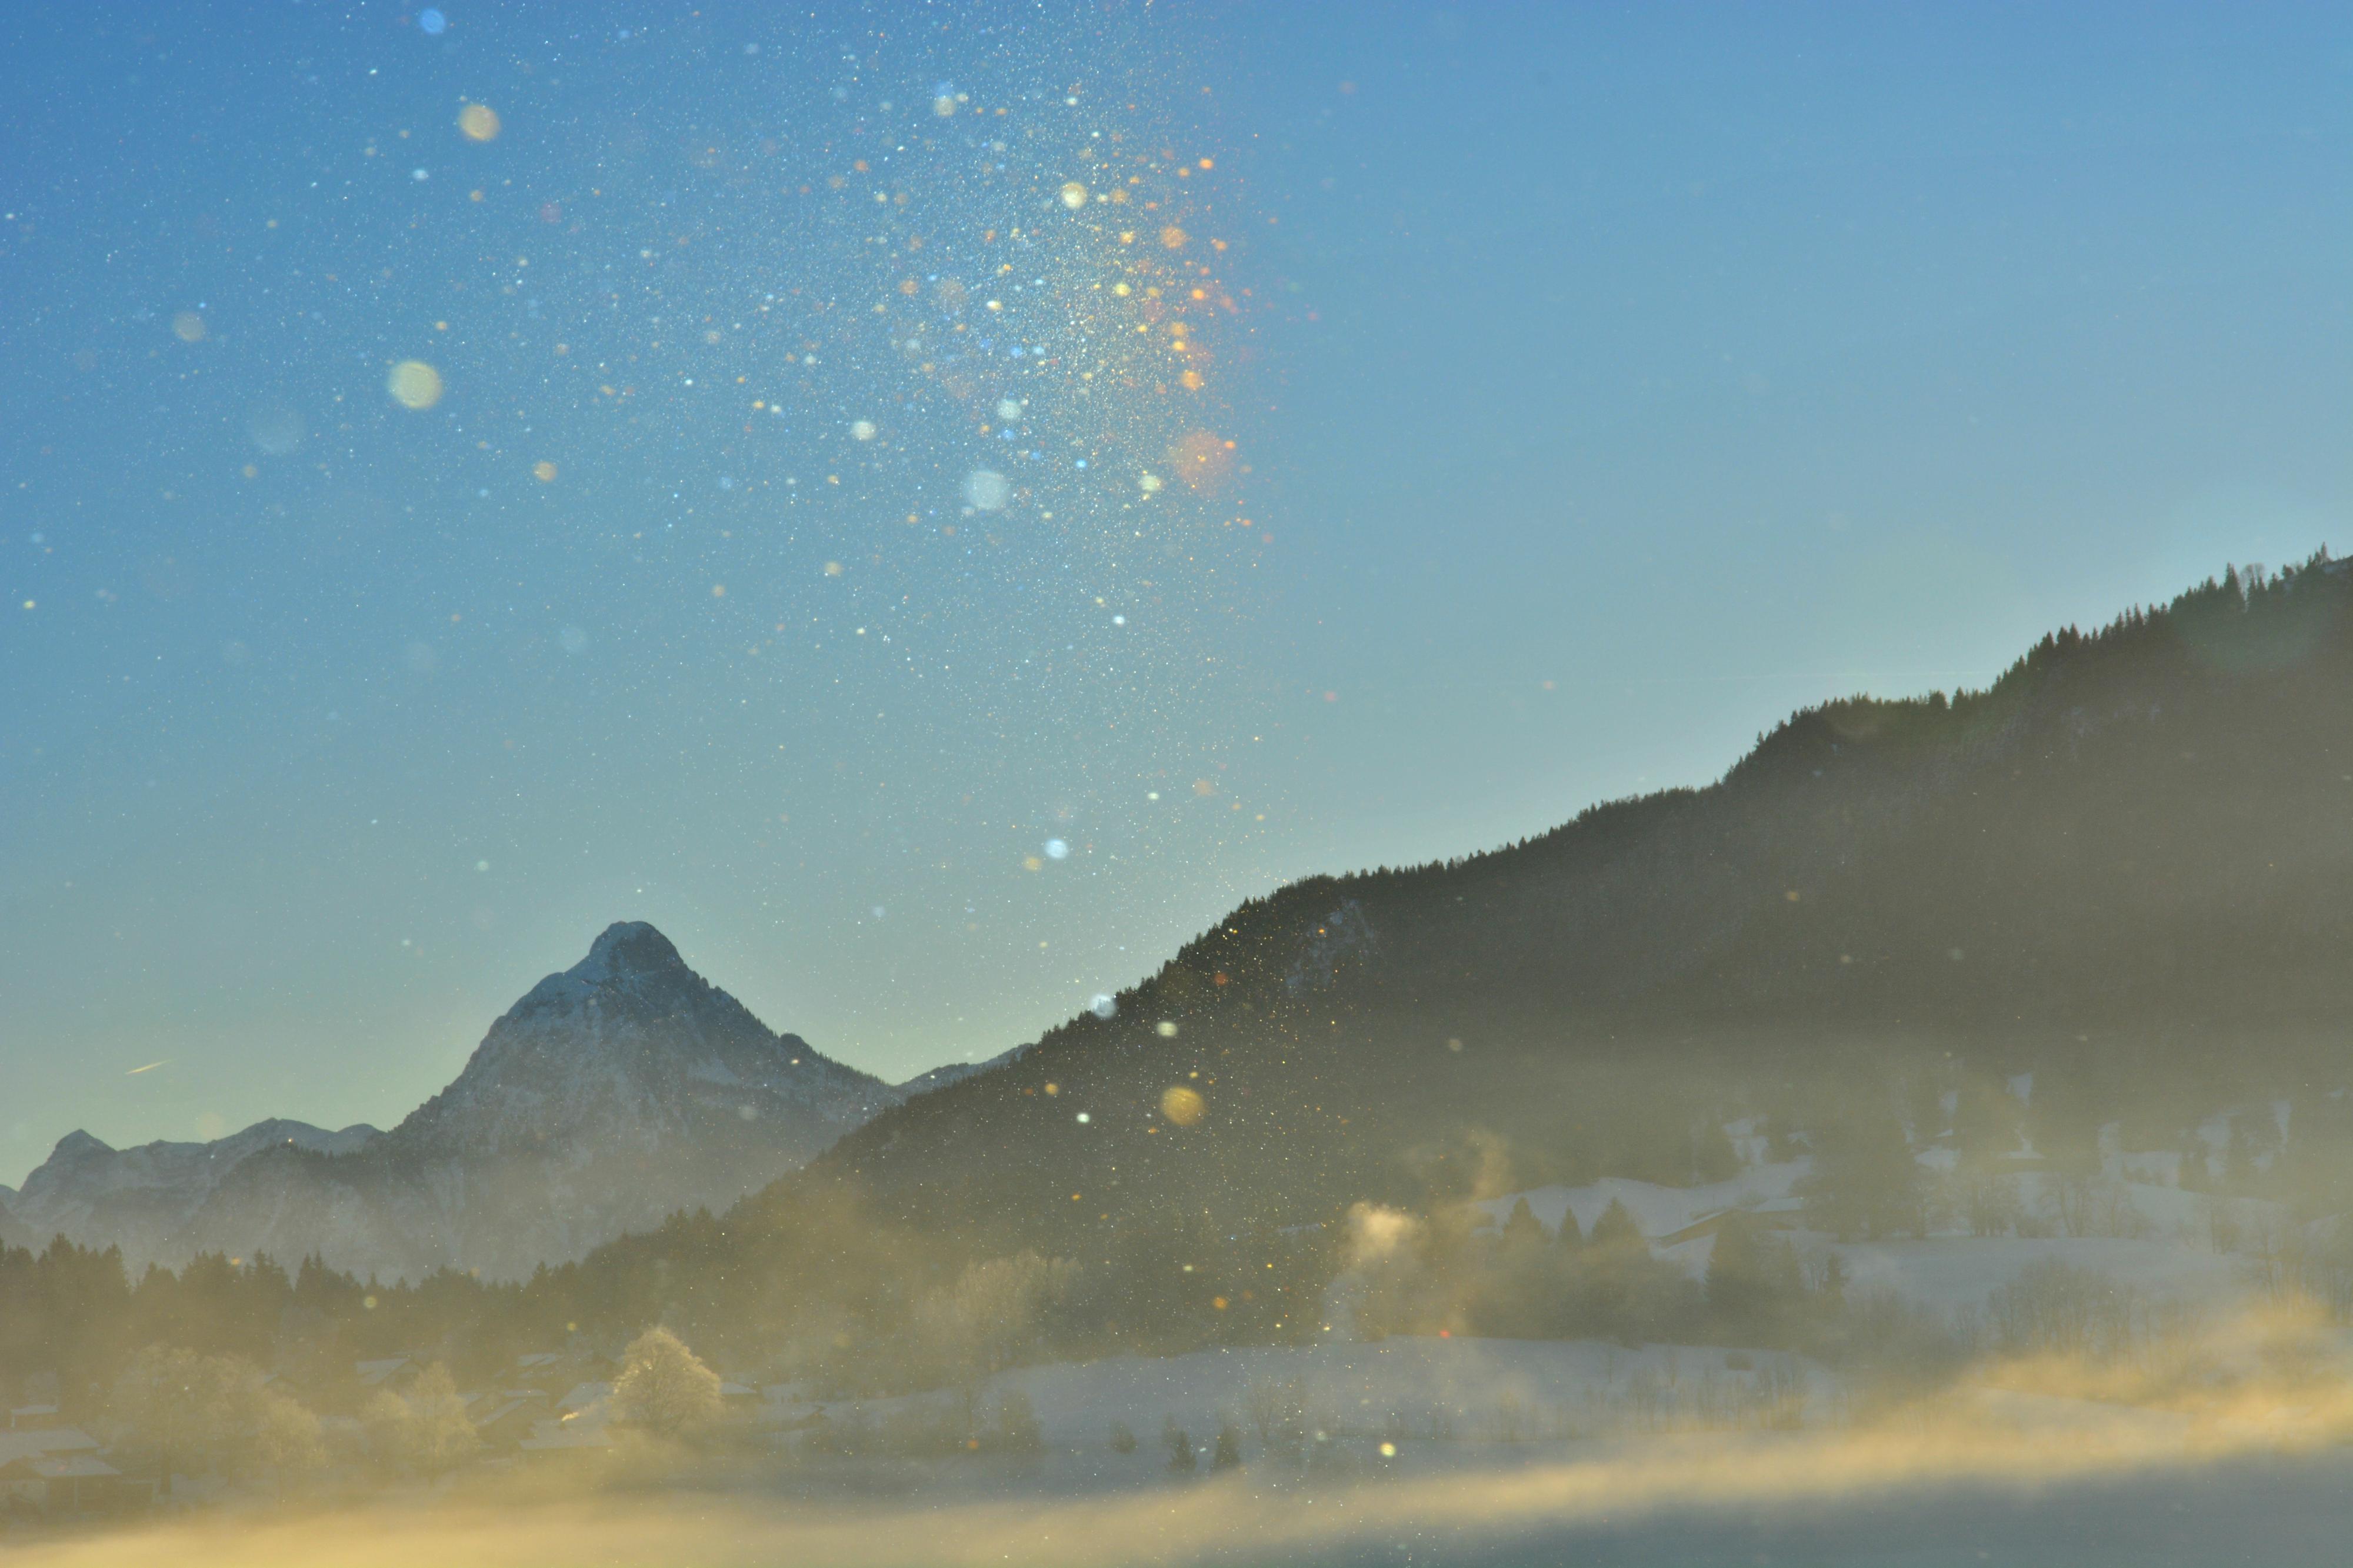 W0313 Eiskristalle in der Luft Pfronten Berg.jpg